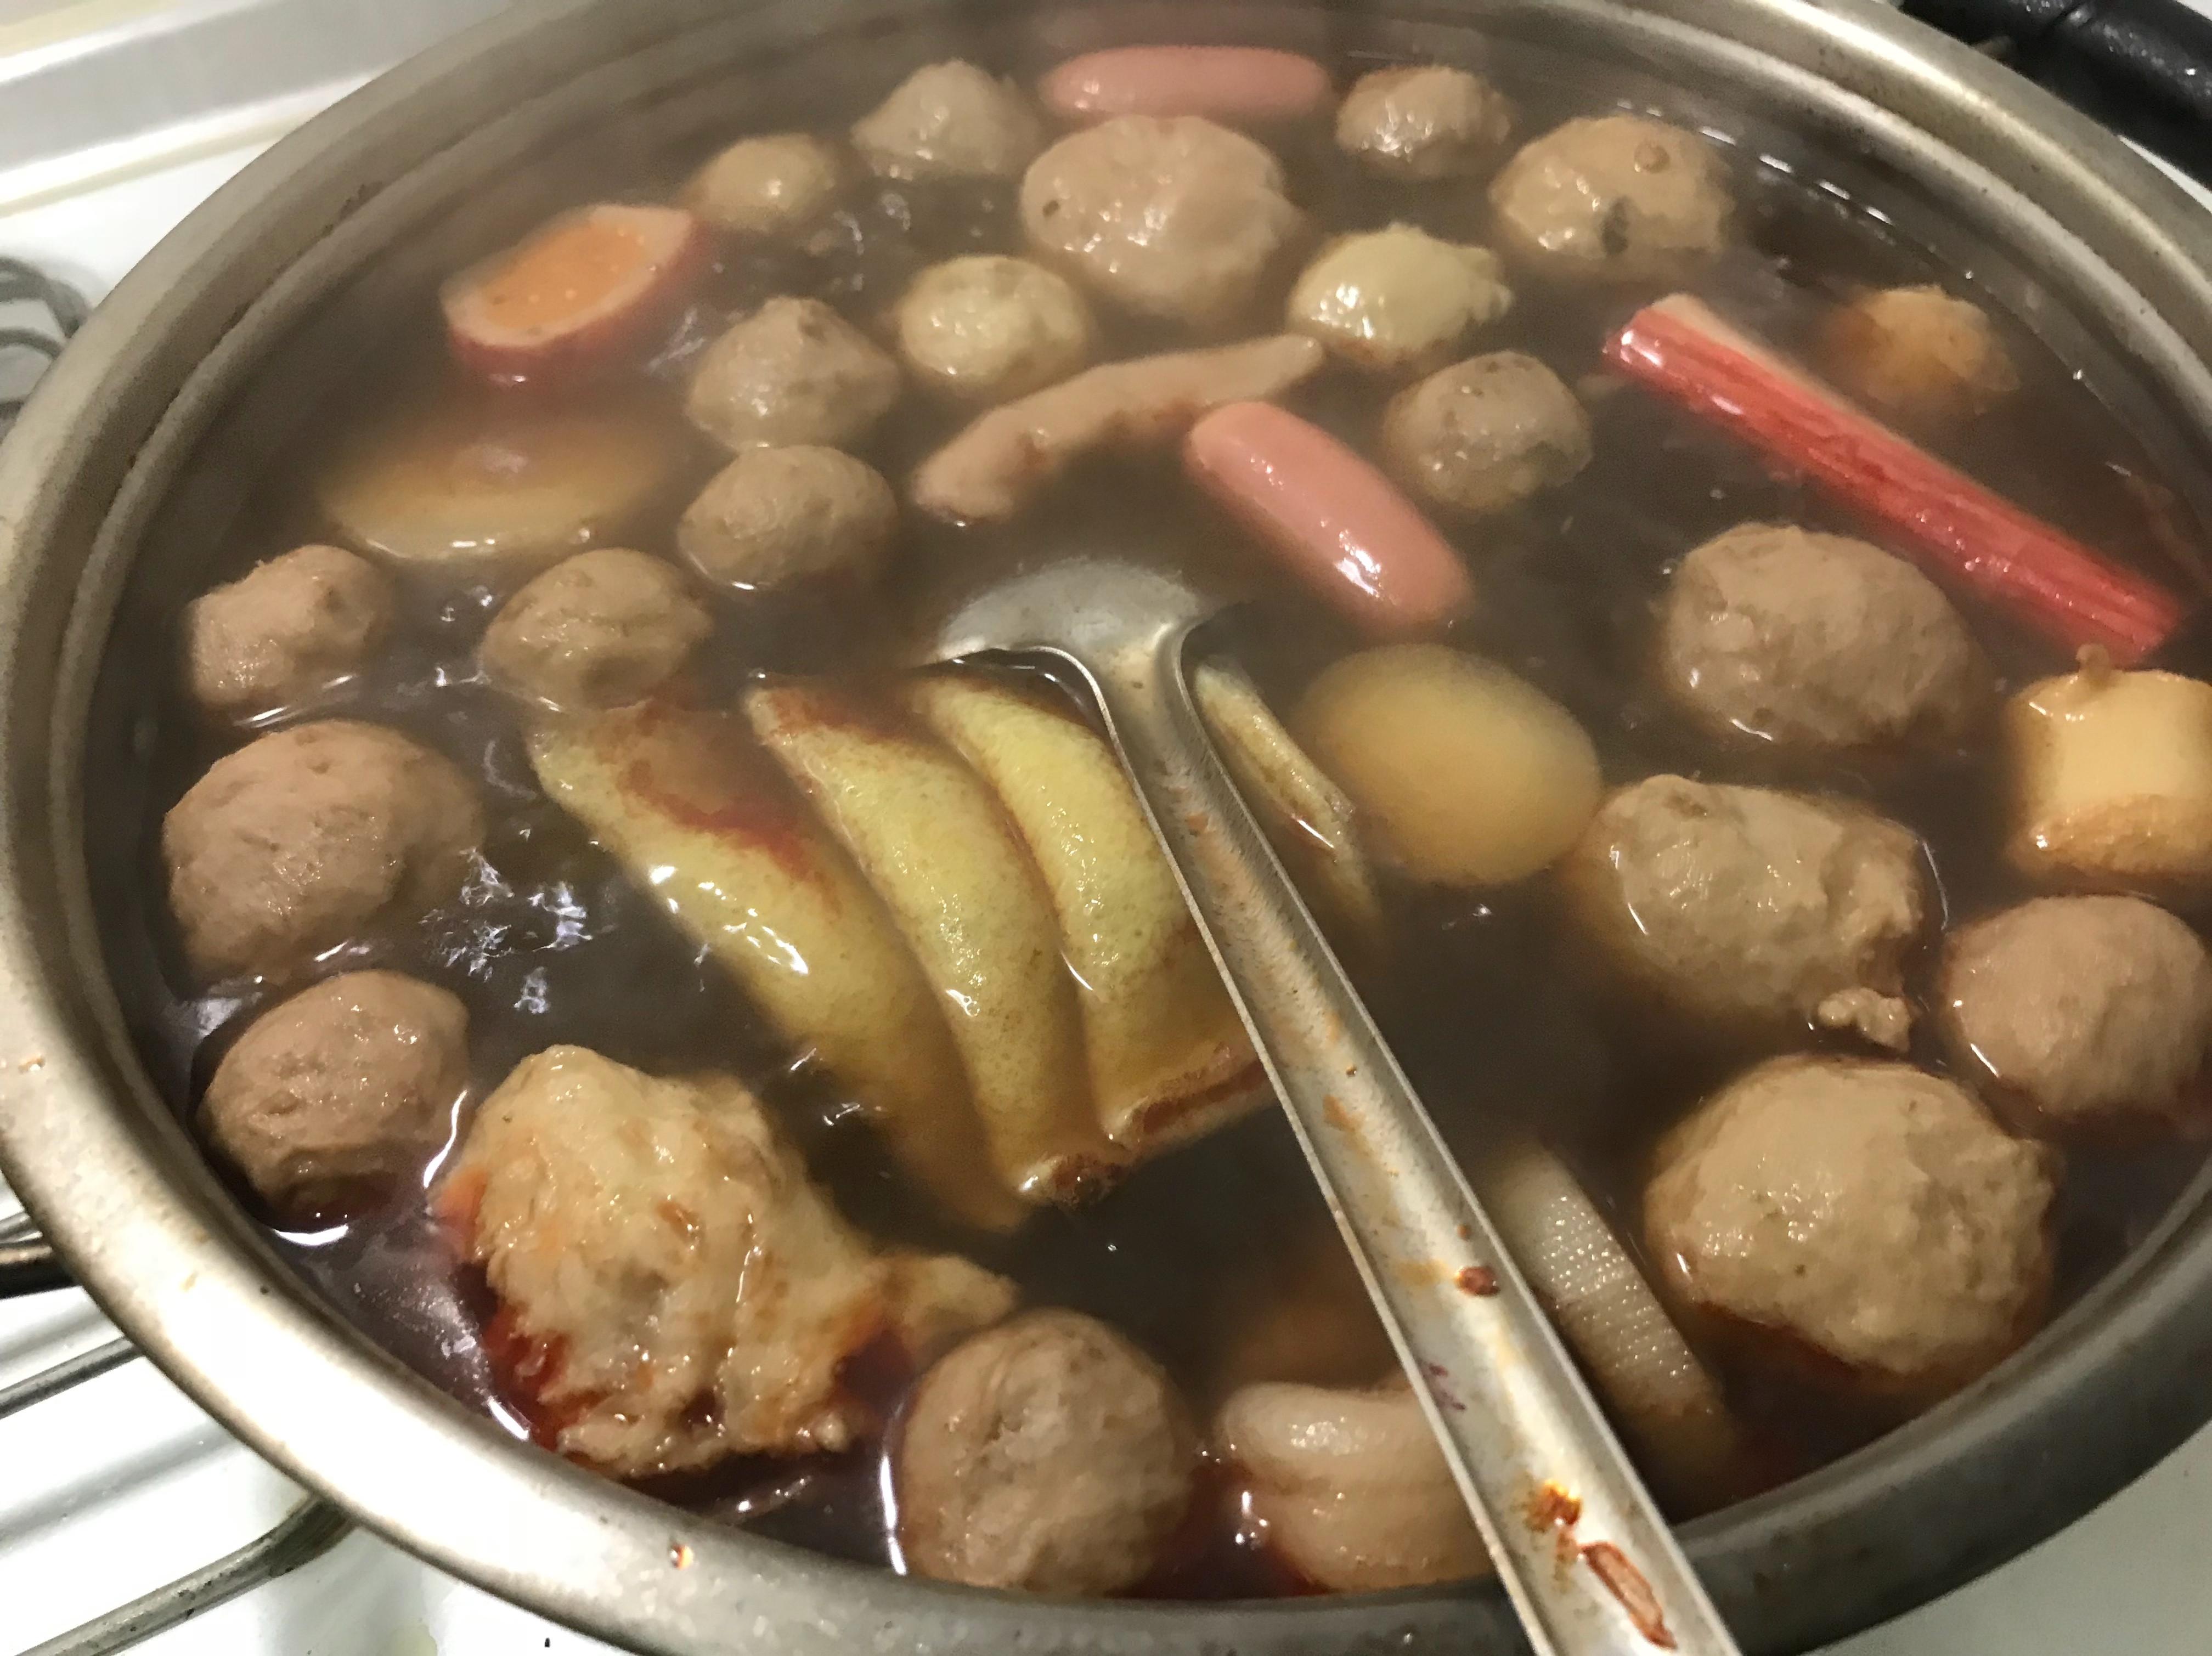 『綠廚房』湯類🥘中藥材麻辣鍋湯底